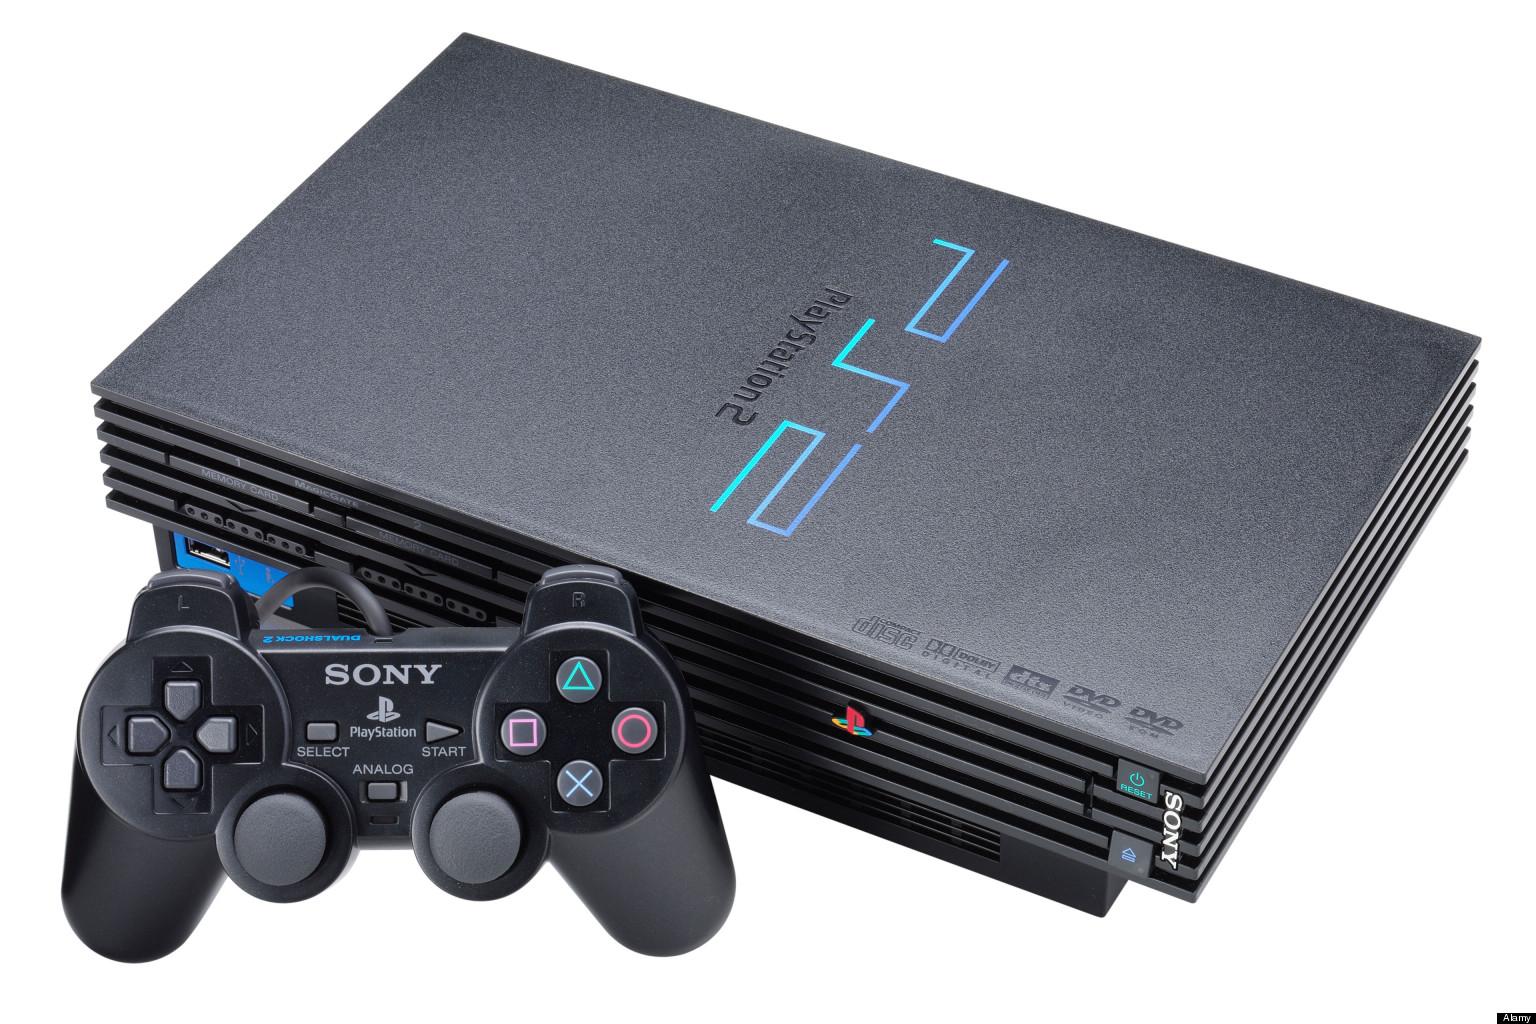 История реализации обратной совместимости с PS1 на Sony Playstation 2 - 1